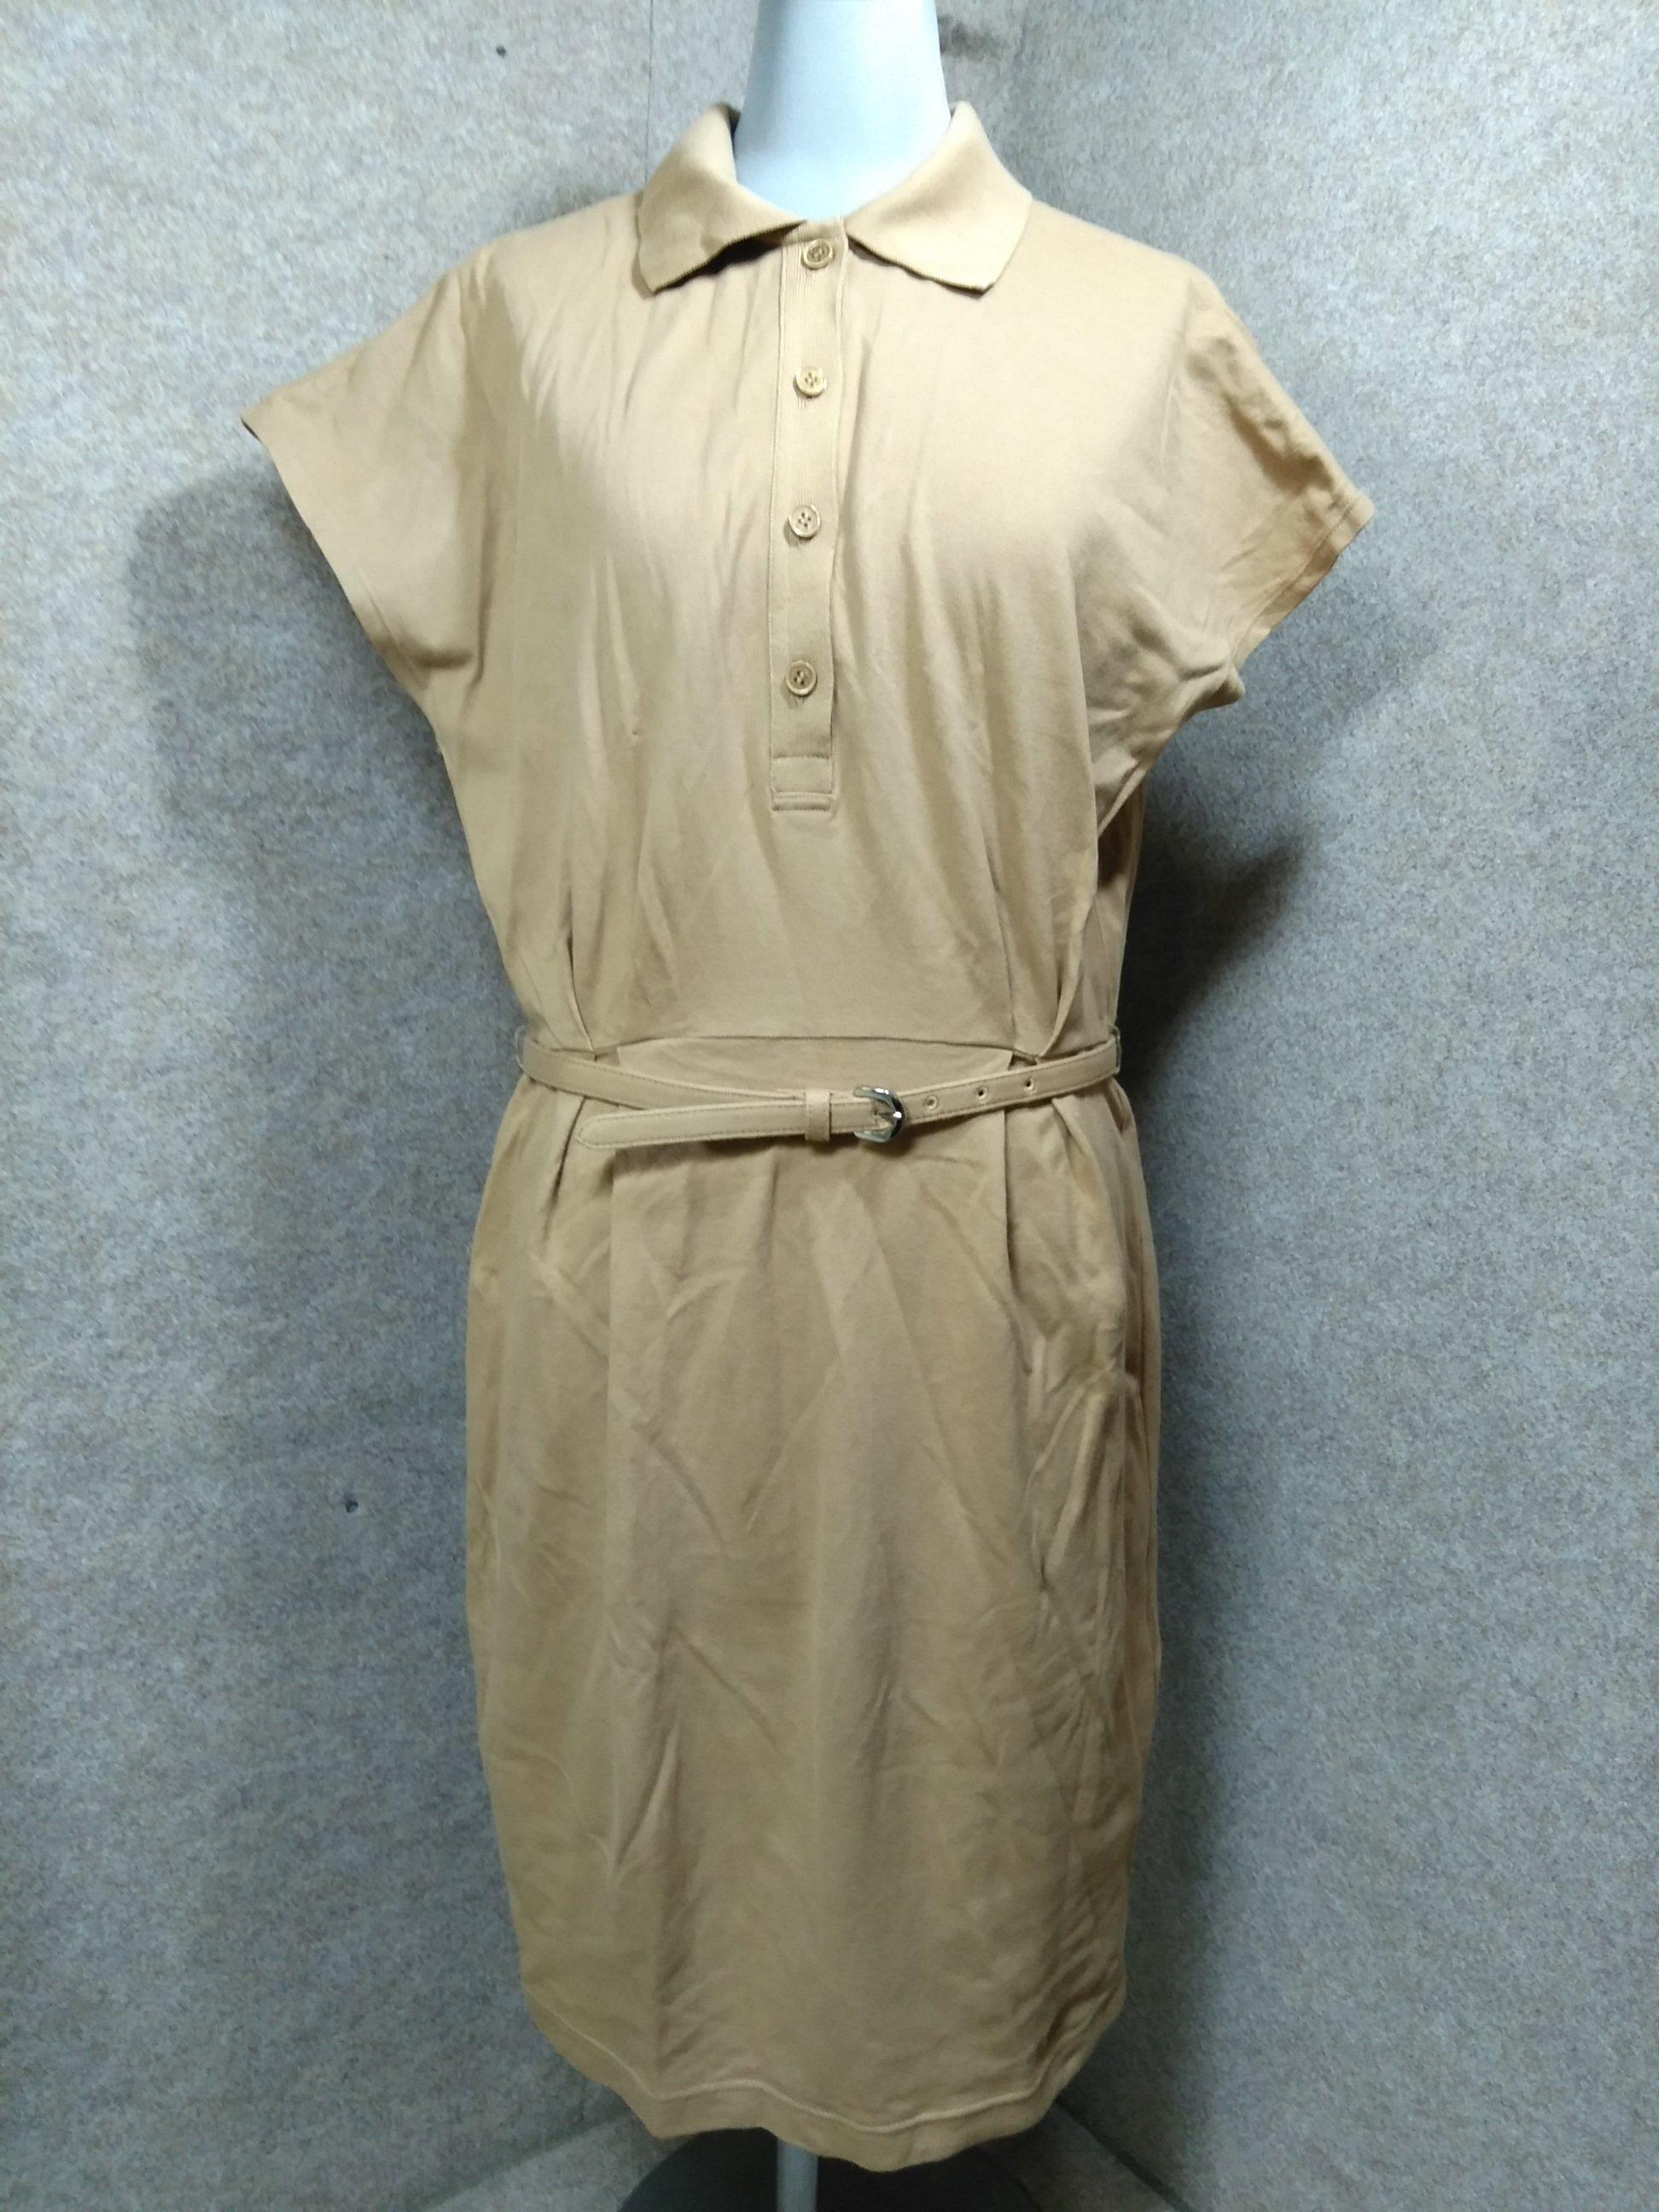 マッキントッシュ ロンドン 38 ポロシャツ ワンピース u1314j